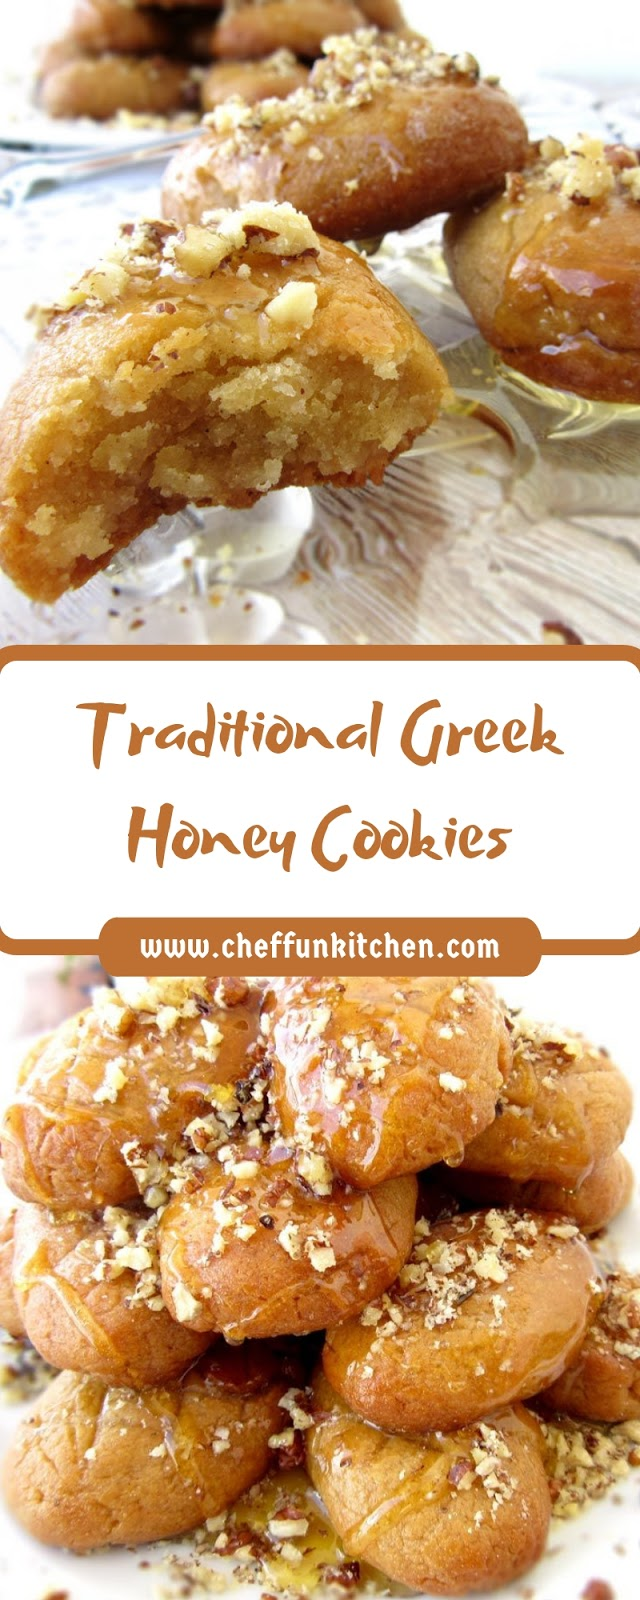 Traditional Greek Honey Cookies